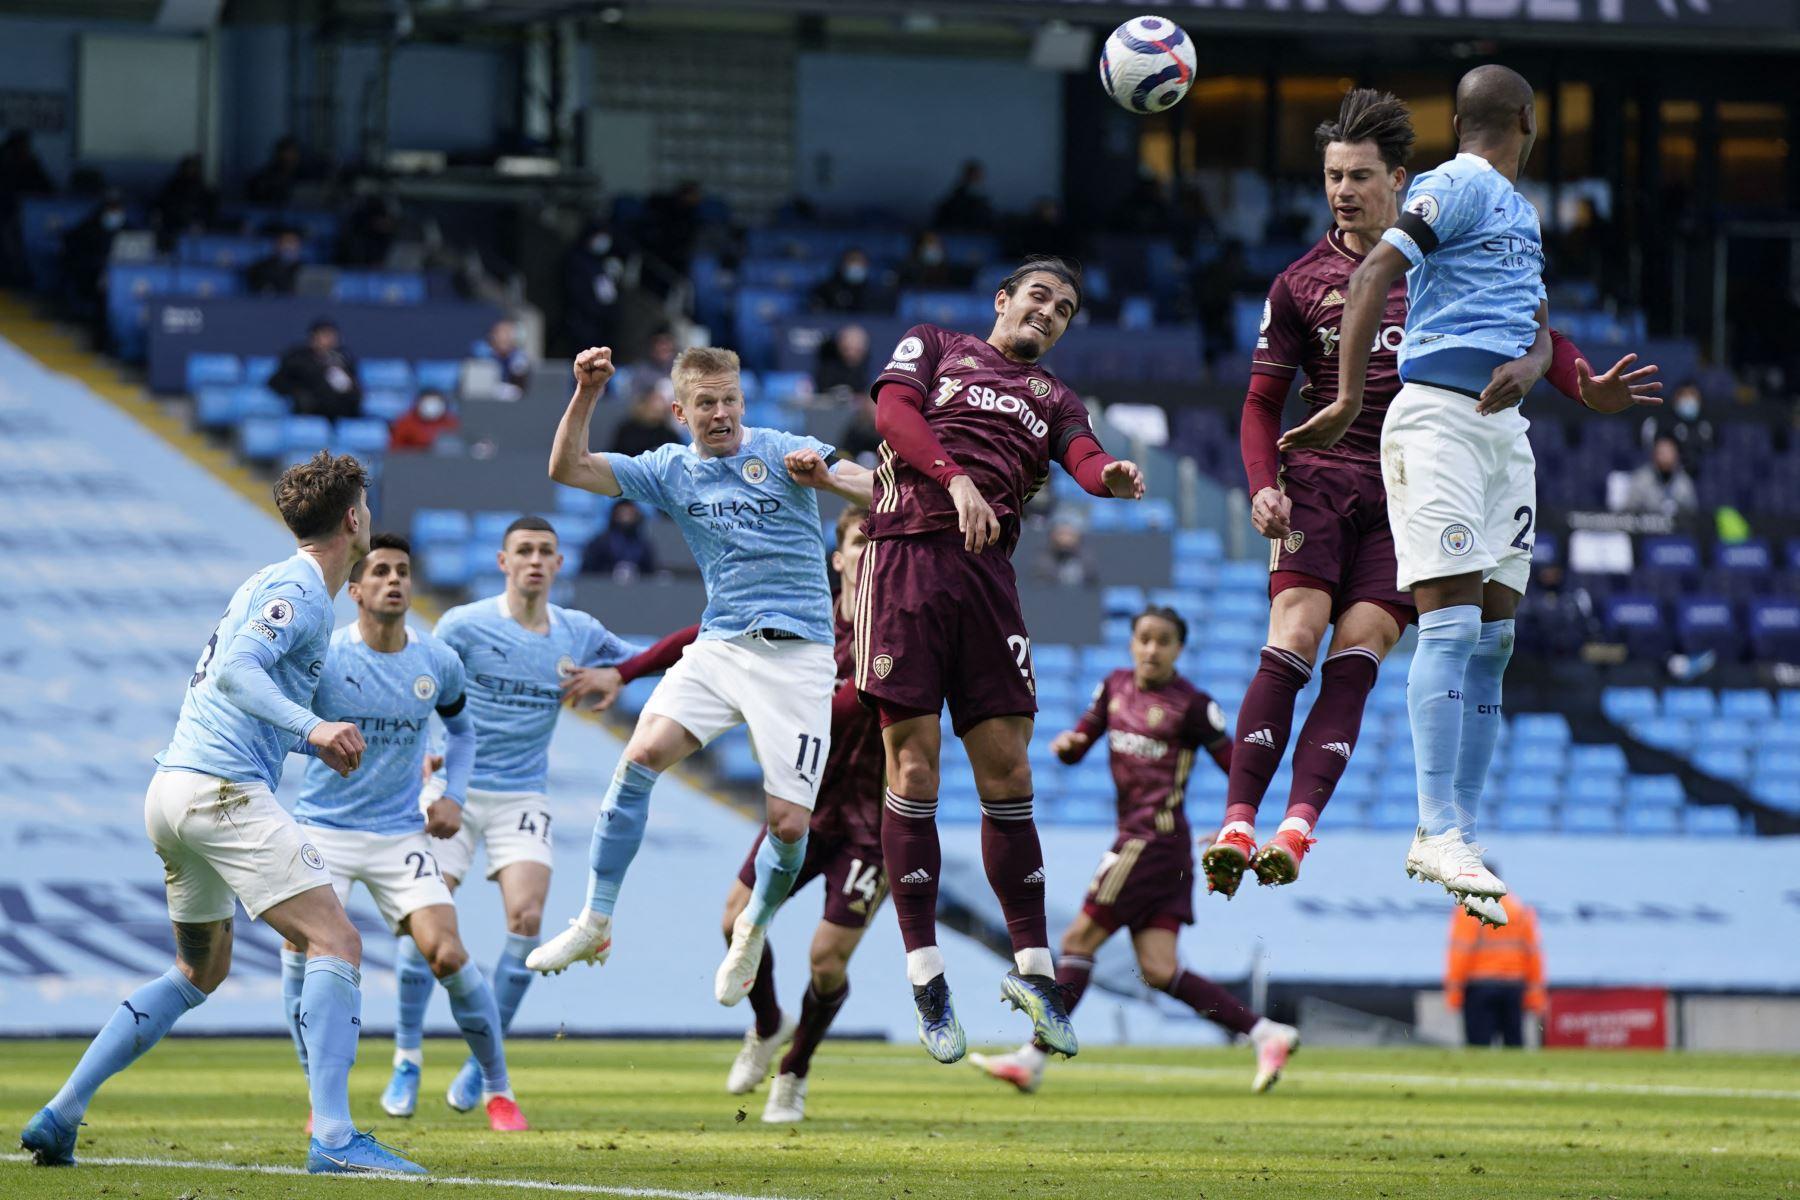 El centrocampista ucraniano del Manchester City Oleksandr Zinchenko lucha por el balón con el defensor holandés del Leeds United Pascal Struijk  durante el partido de fútbol de la Premier League inglesa entre el Manchester City y el Leeds United. Foto: AFP